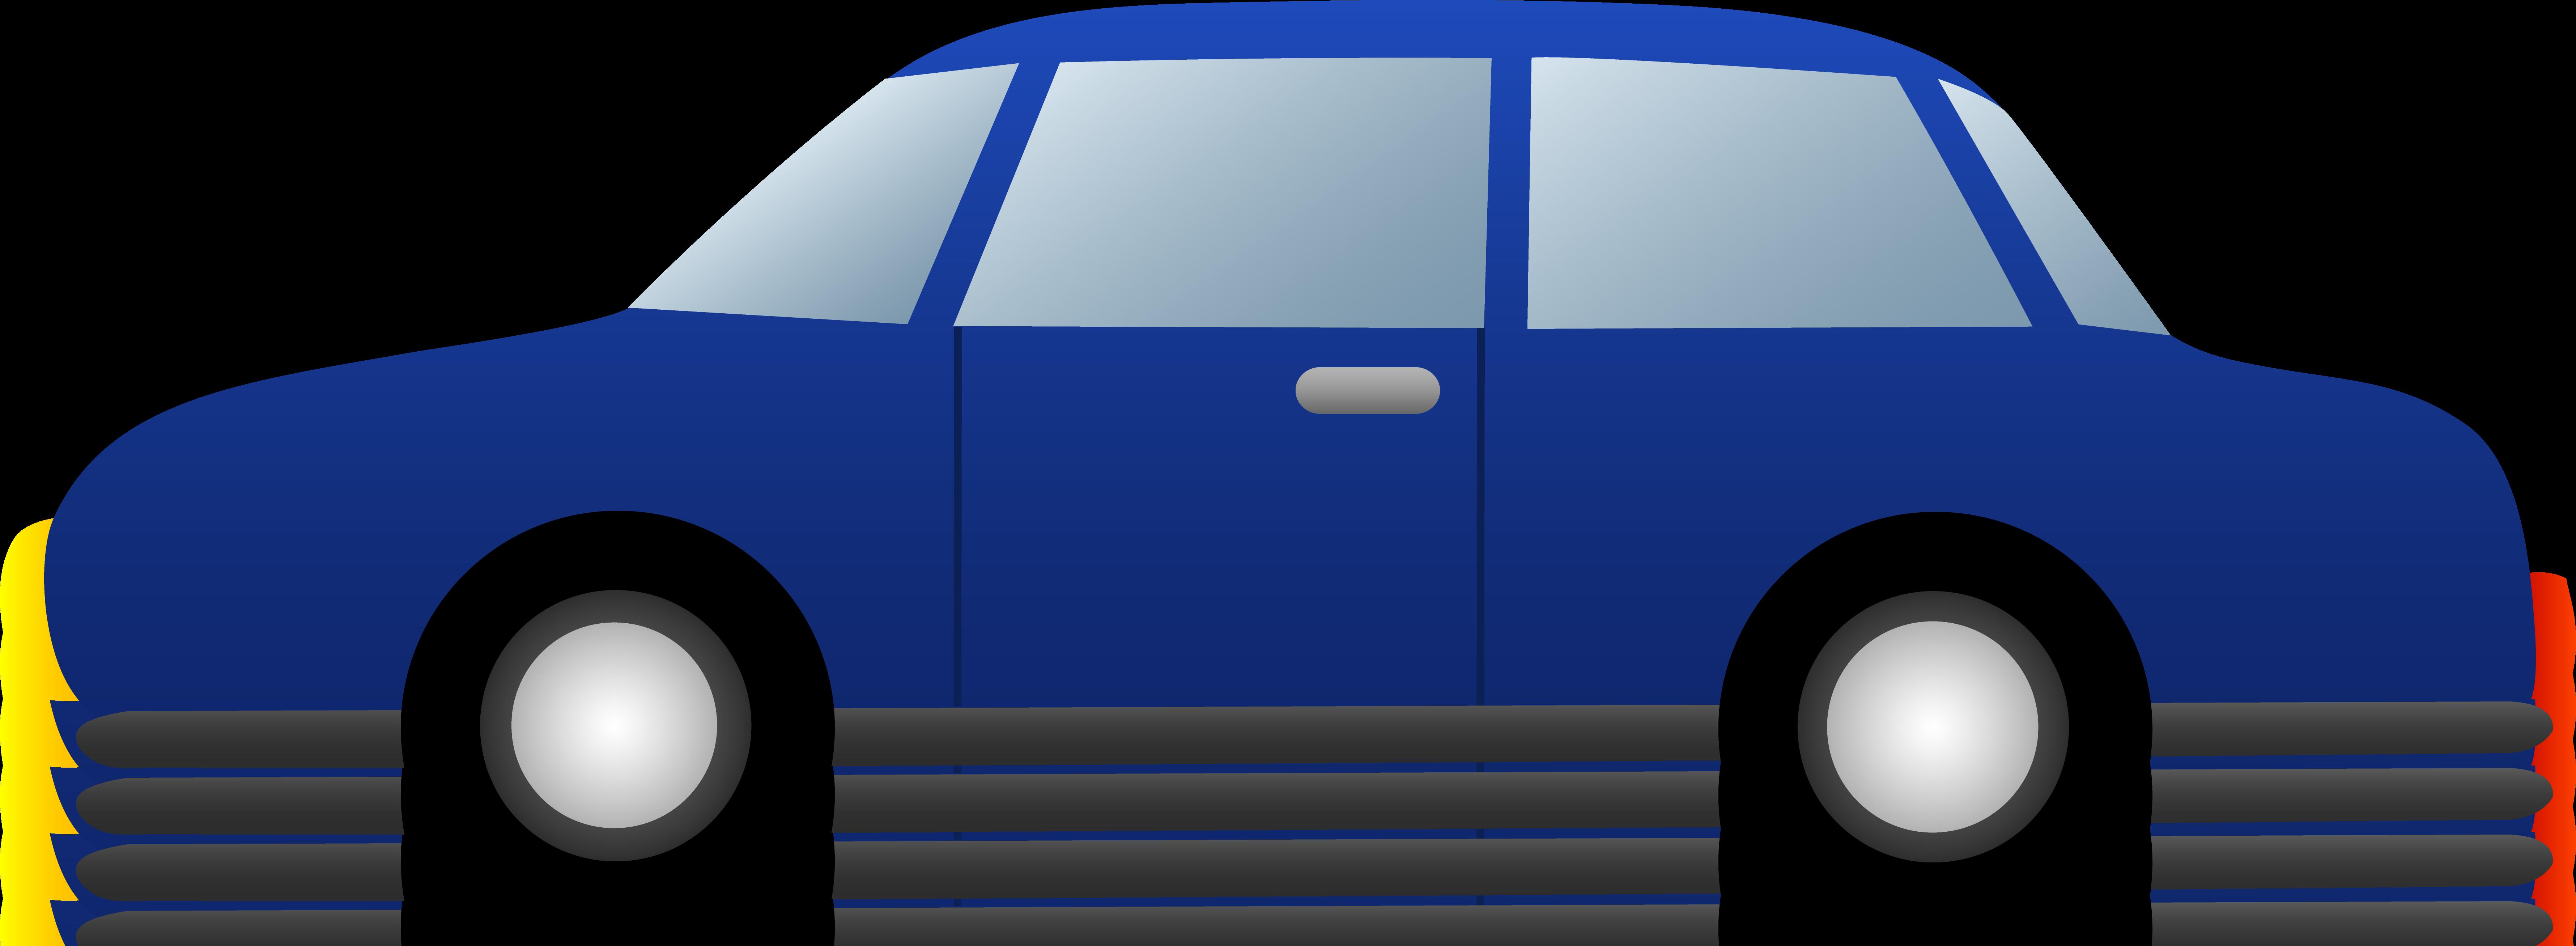 7122x2615 Simple Clipart Race Car